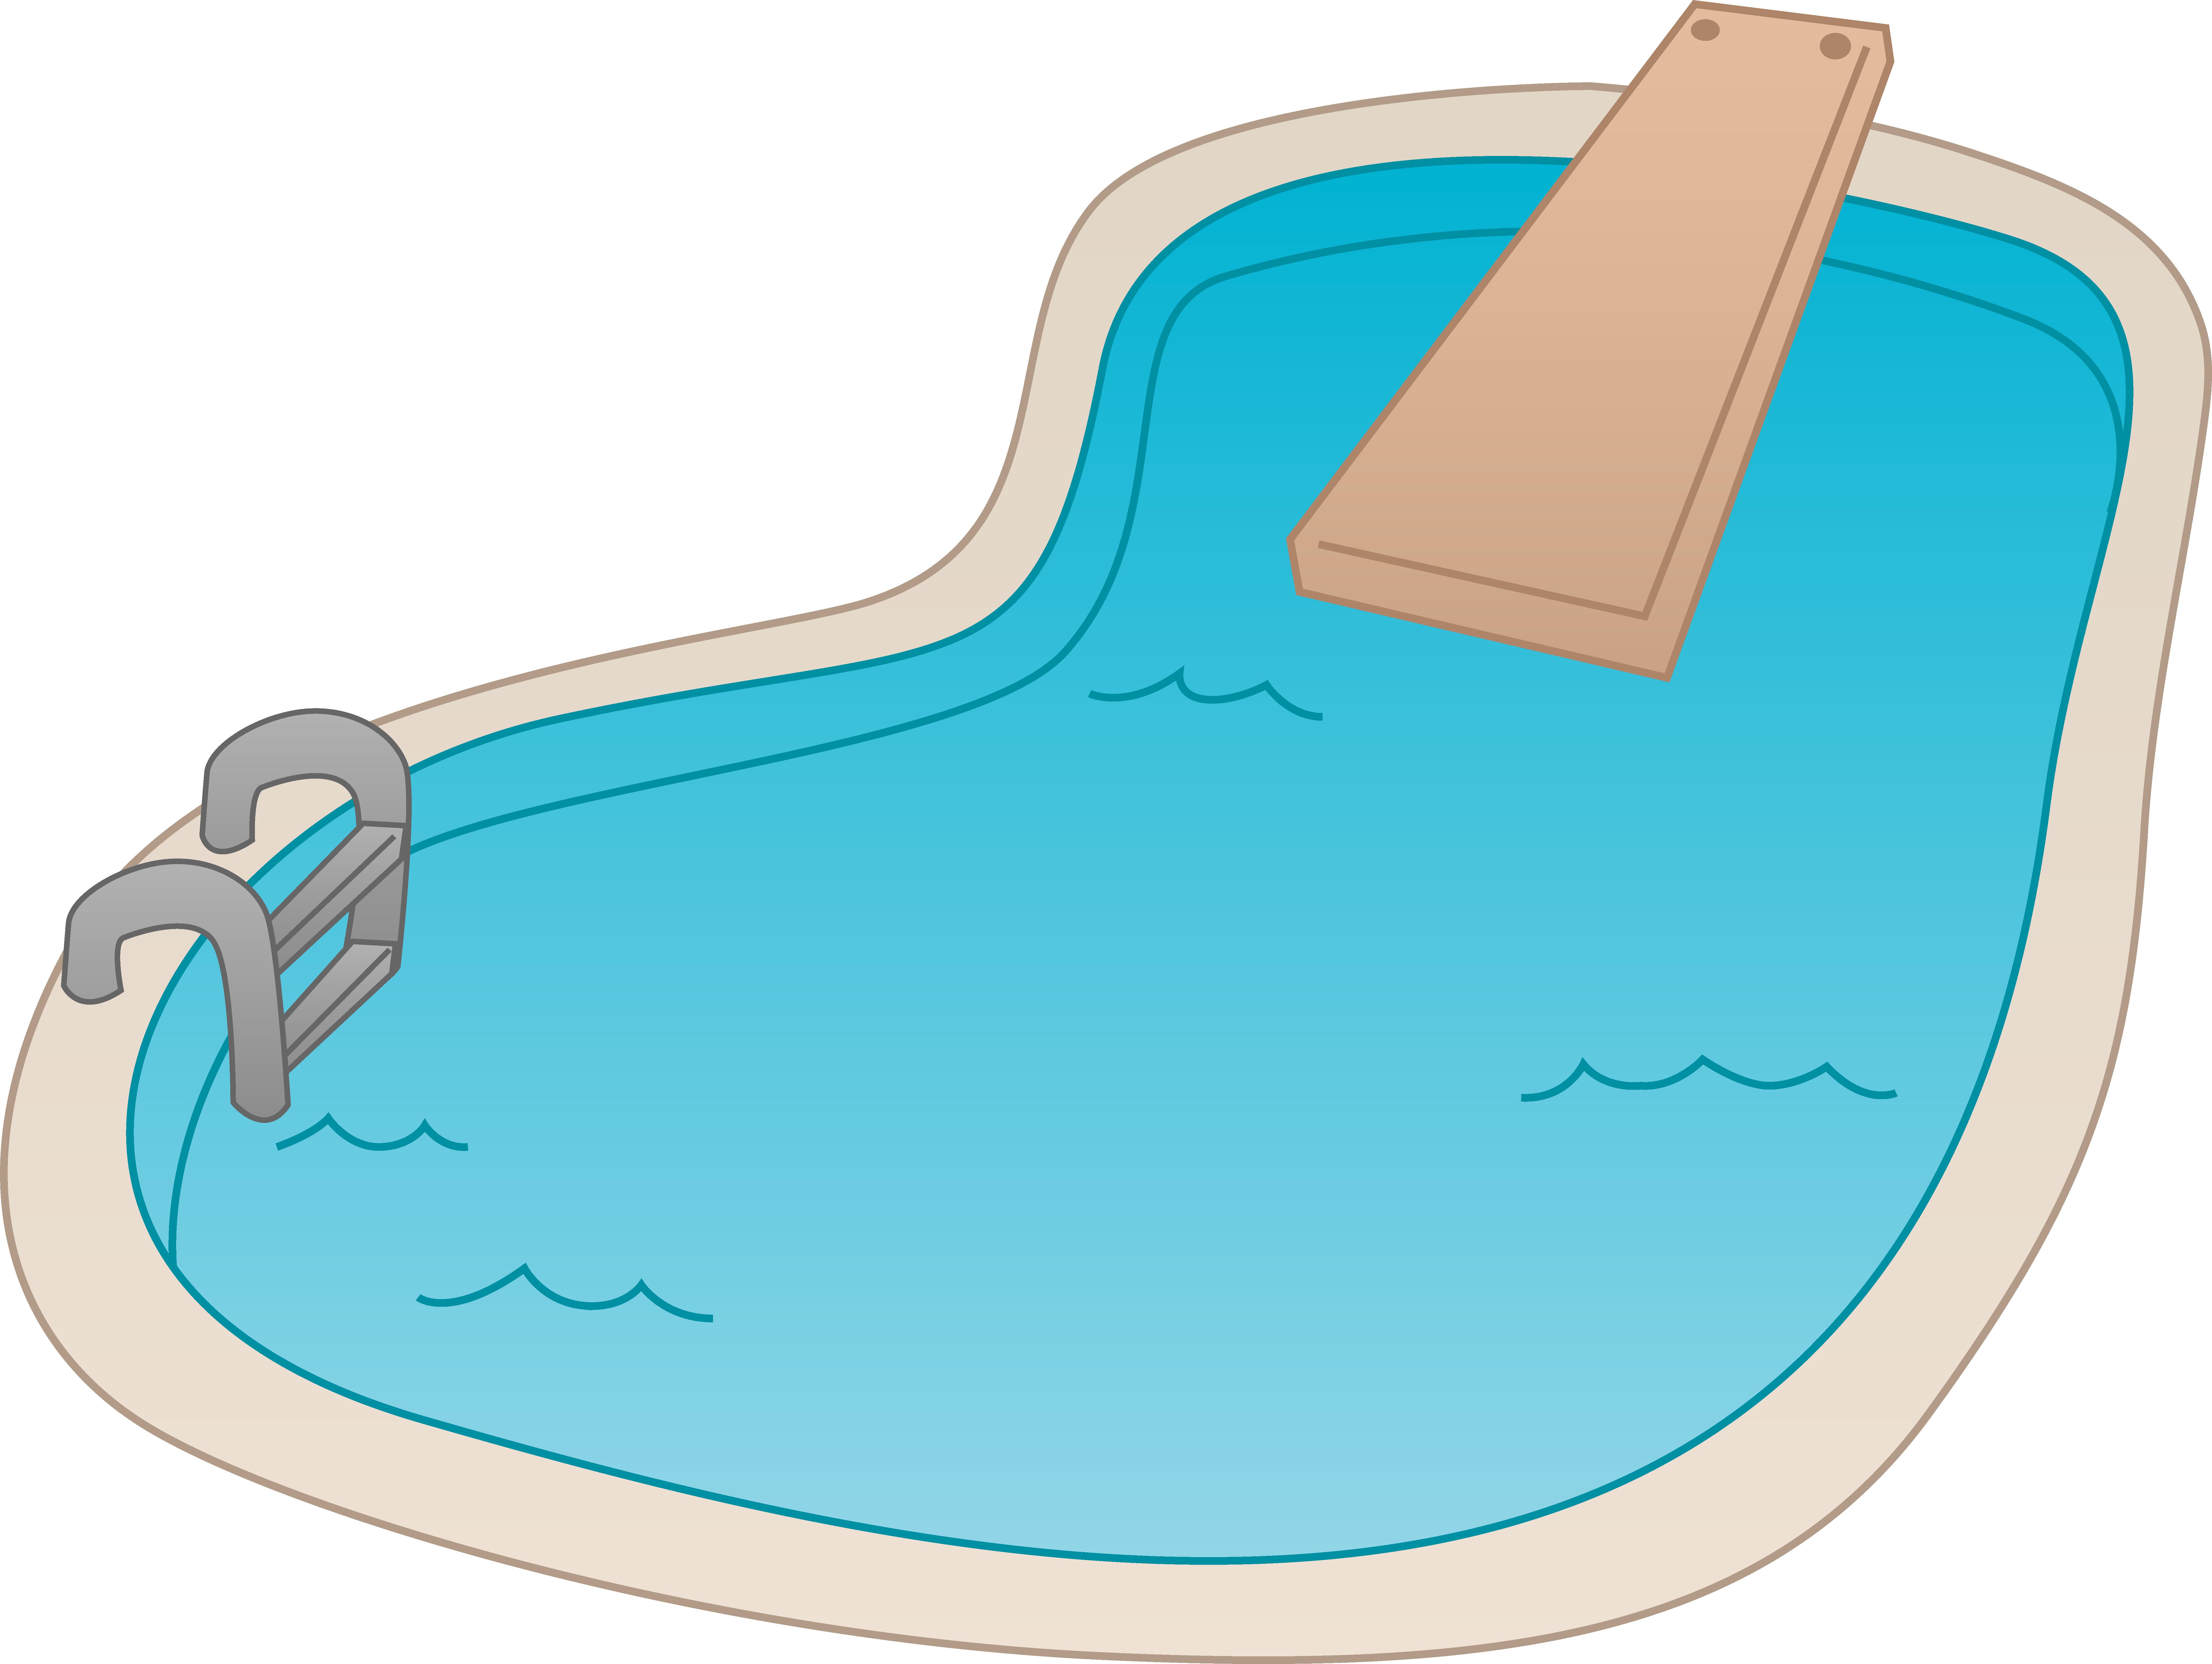 8339x6274 Swimming Pool Cartoon Clipart